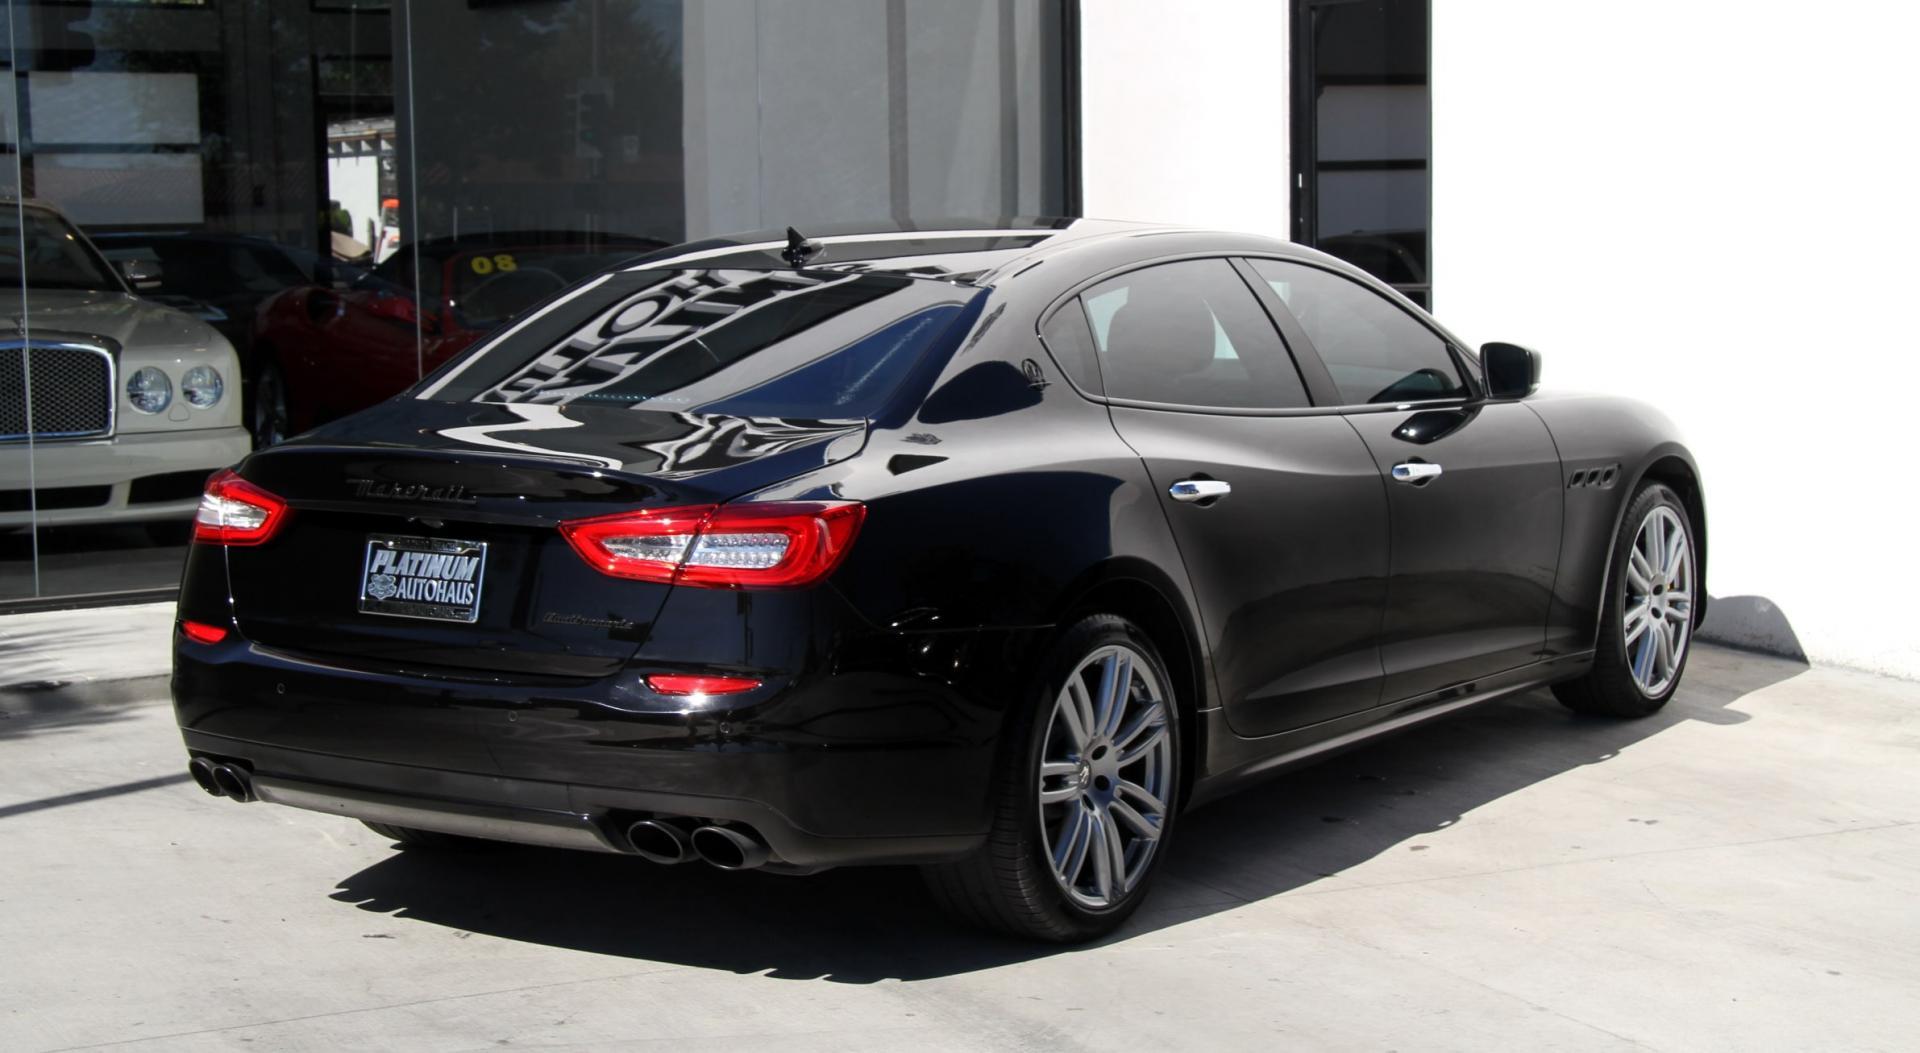 Free Vehicle History Report By Vin >> 2014 Maserati Quattroporte S Q4 Stock # 5906 for sale near Redondo Beach, CA | CA Maserati Dealer